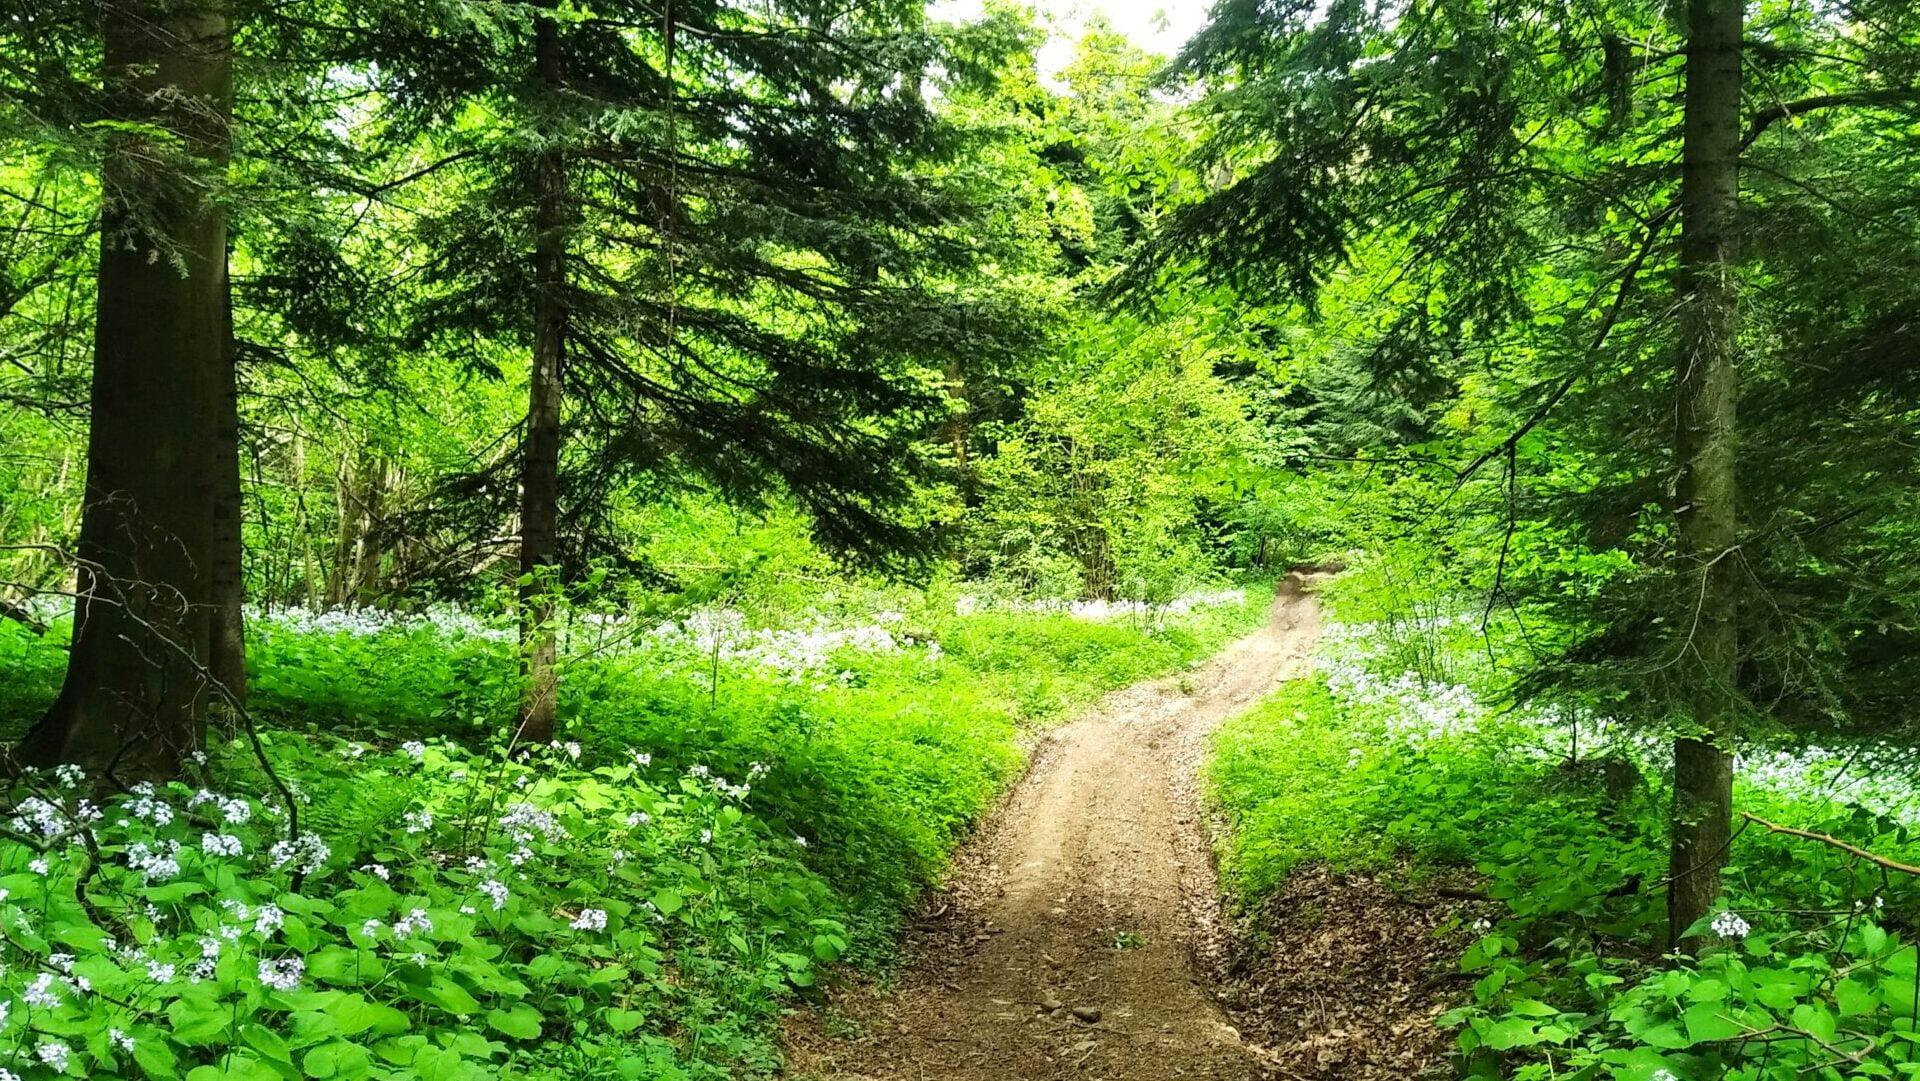 zdjęcie przedstawia ścieżkę w lesie